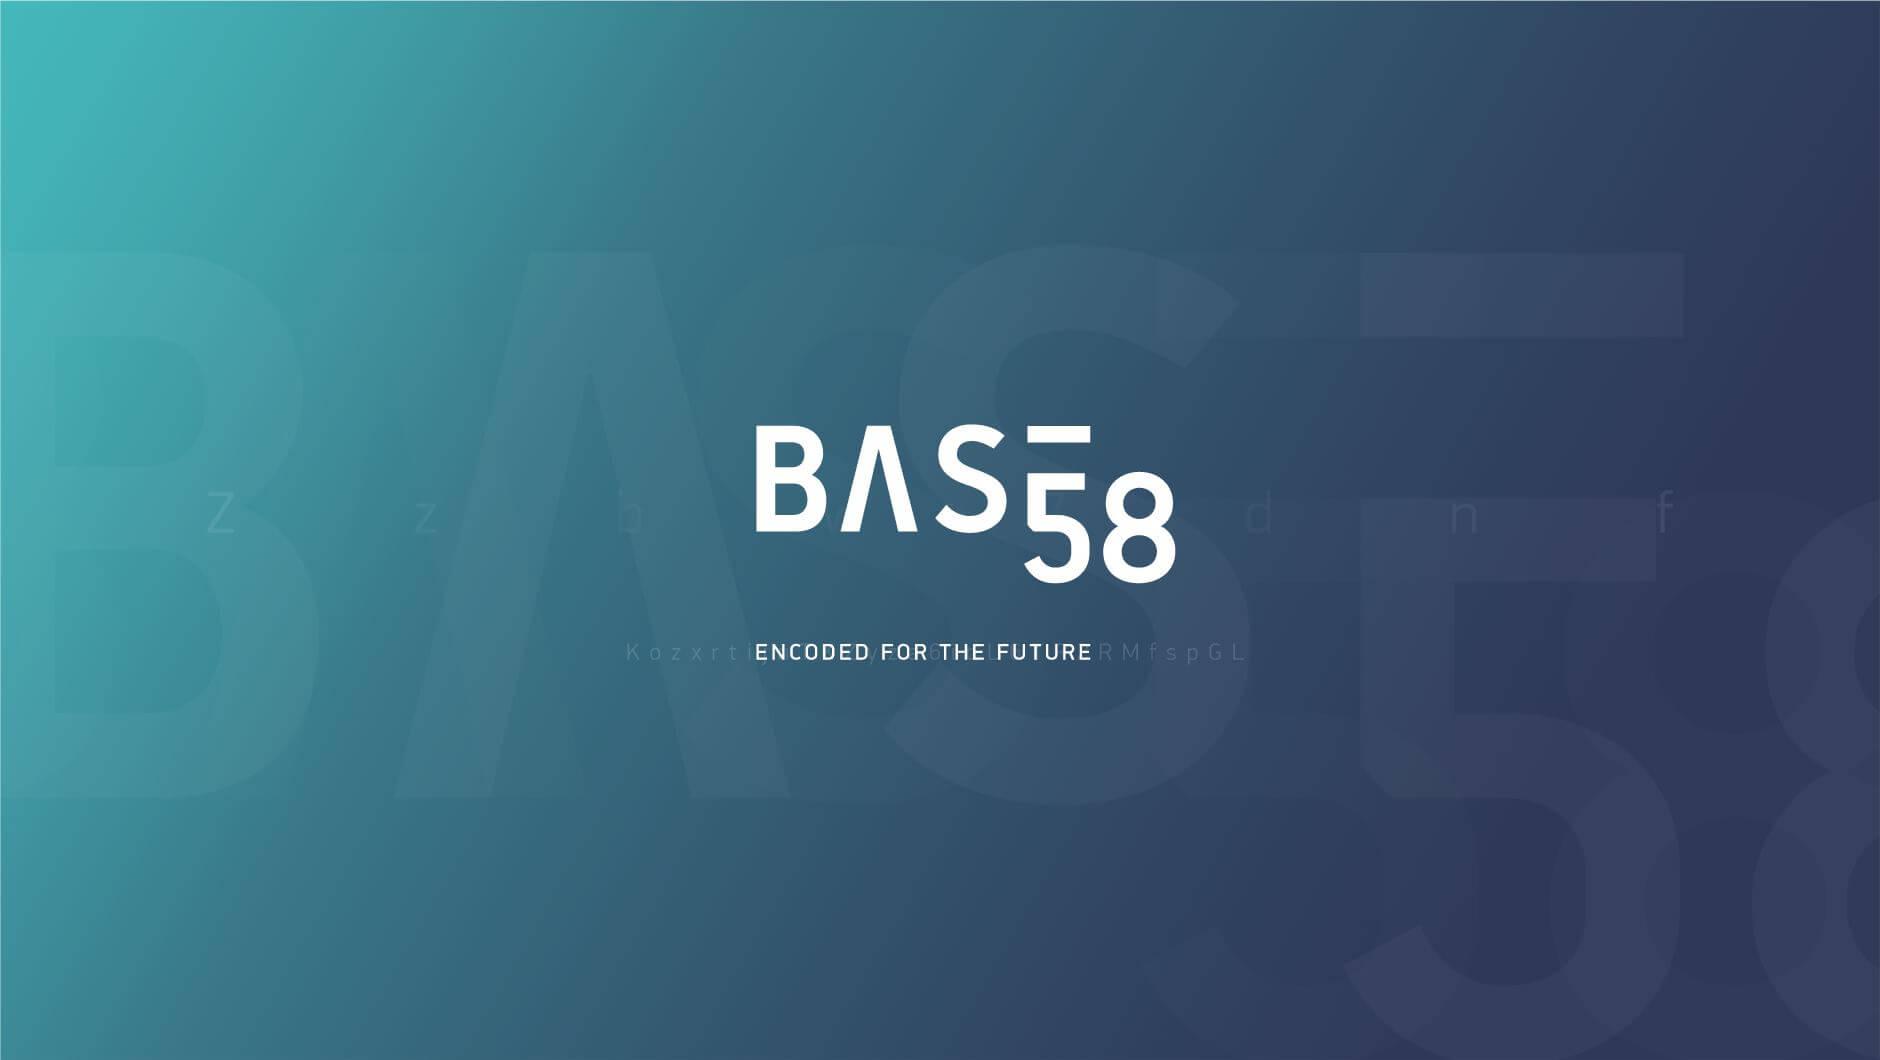 Base58